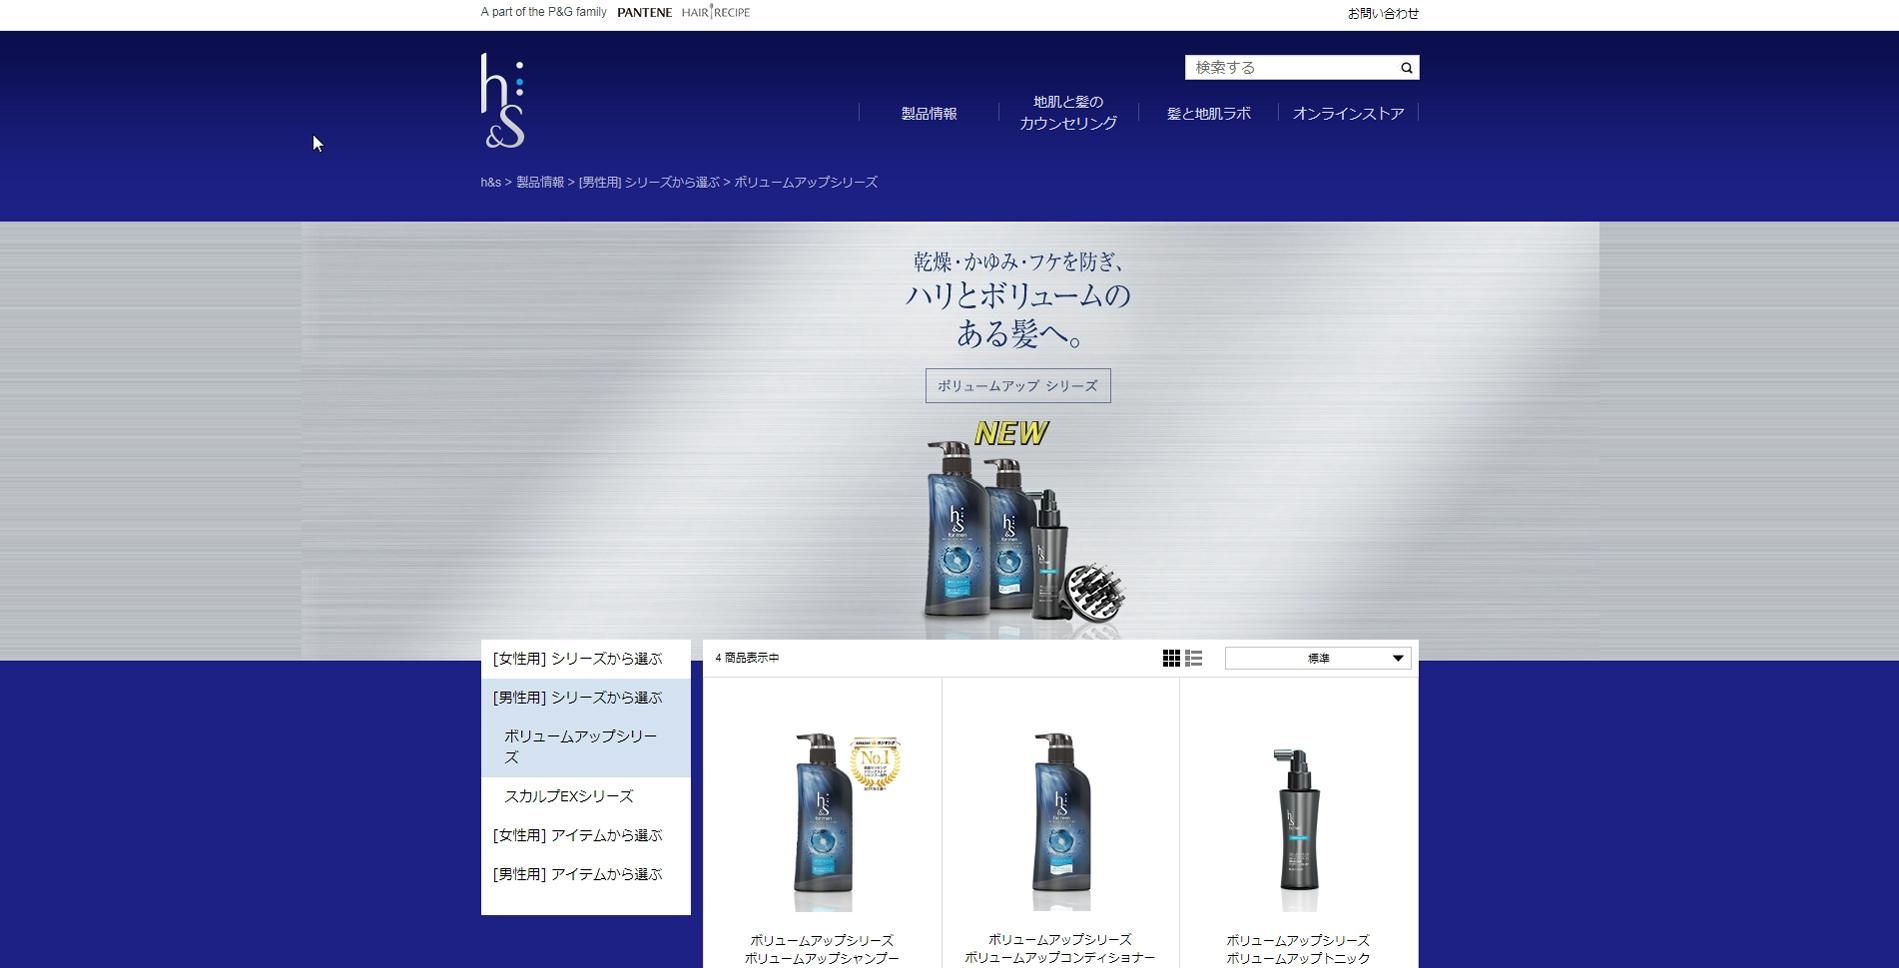 h&s(エイチアンドエス)フォーメンの公式ホームページのトップのスクリーンショット